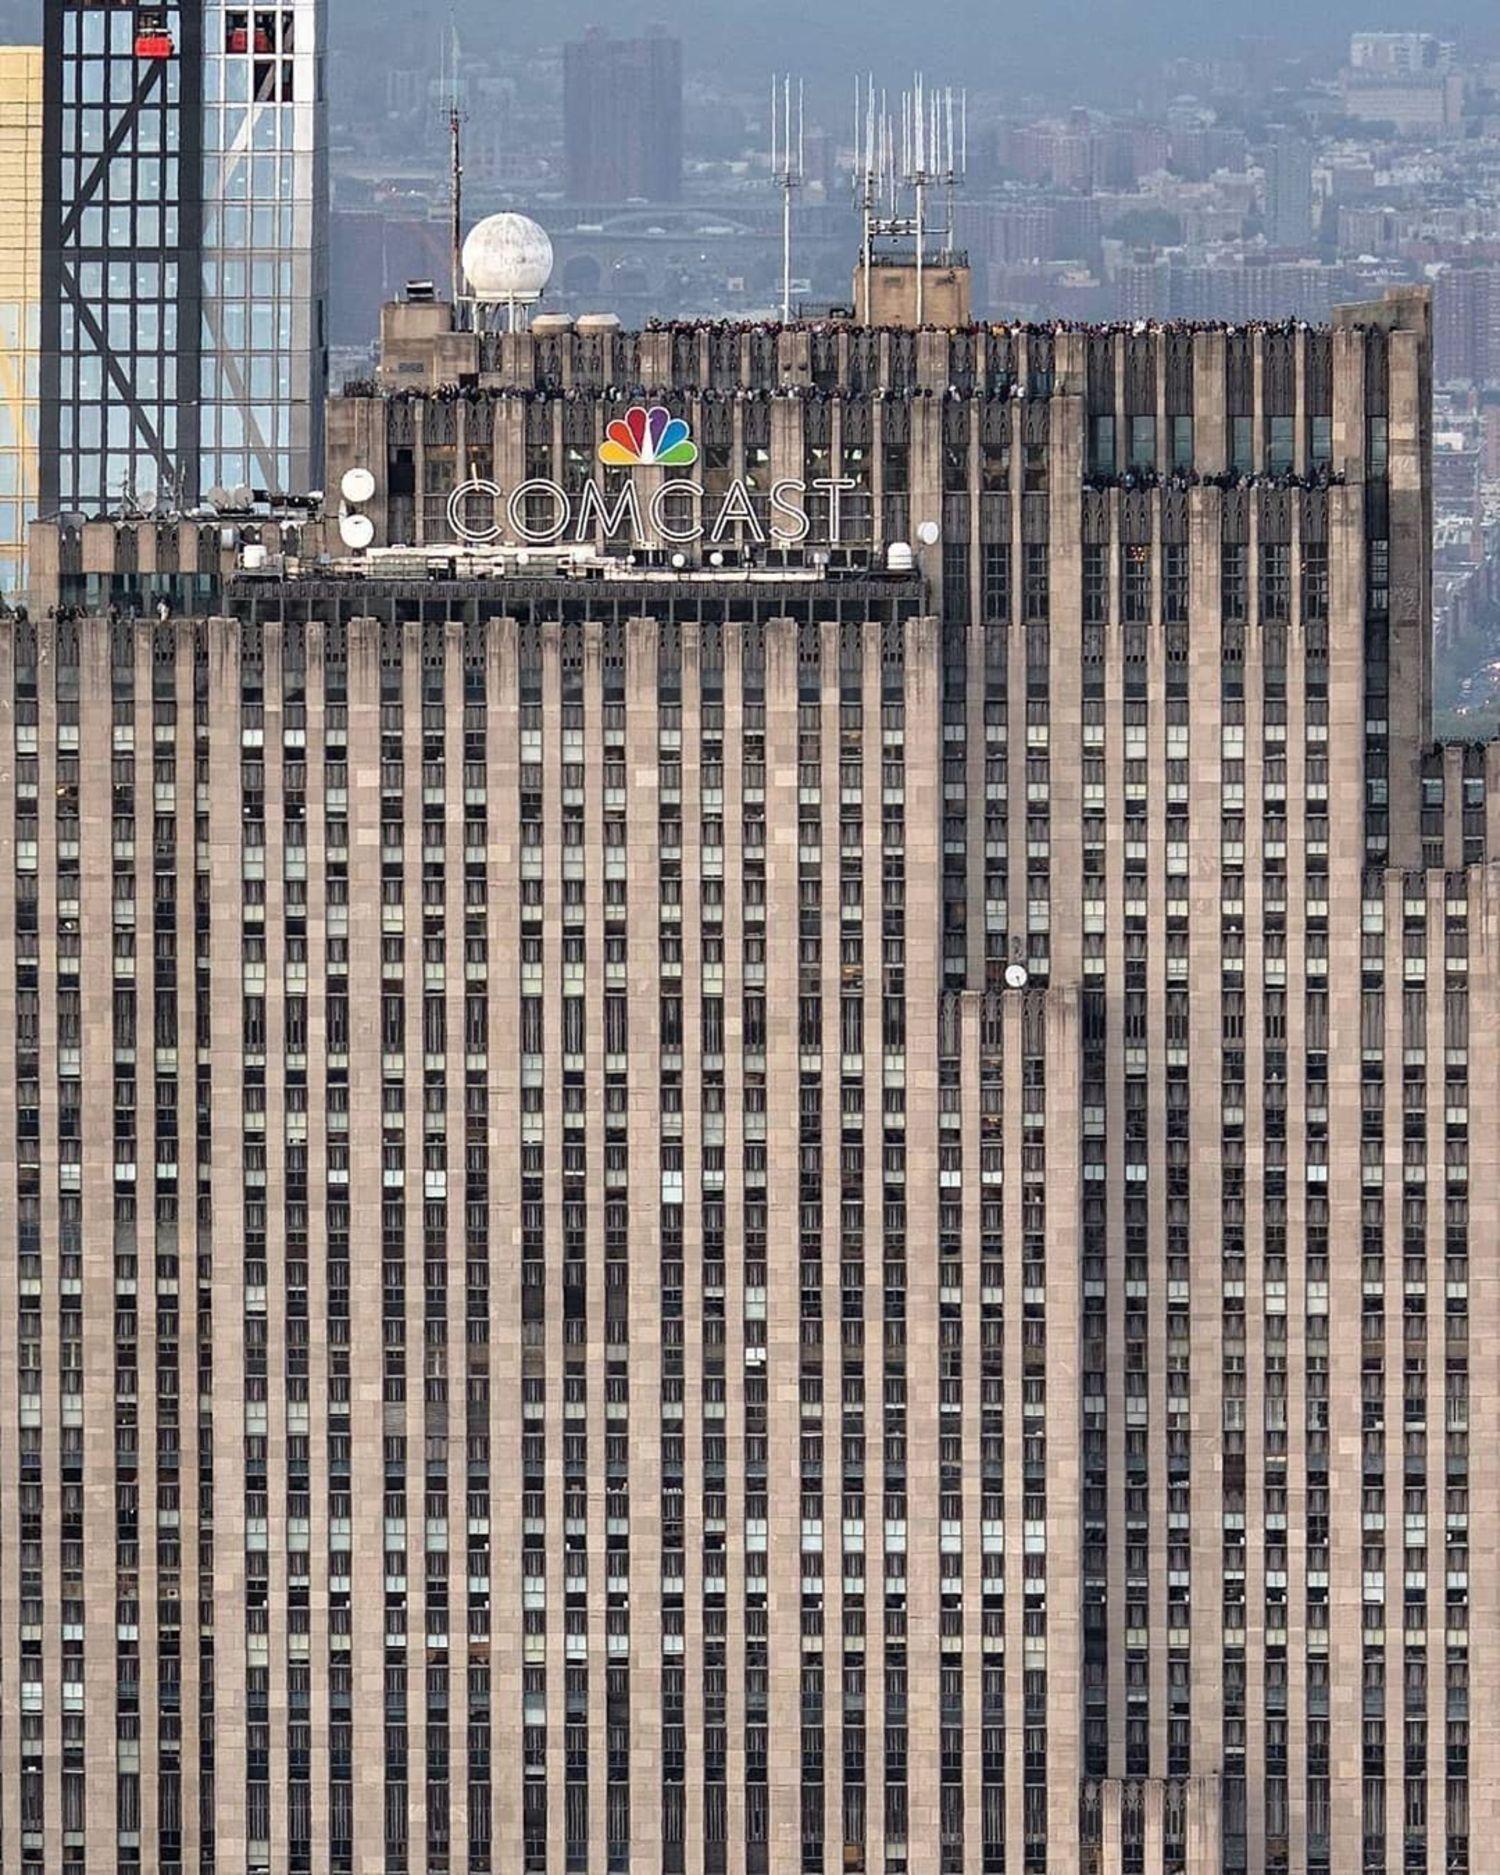 30 Rockefeller Plaza, New York, New York.